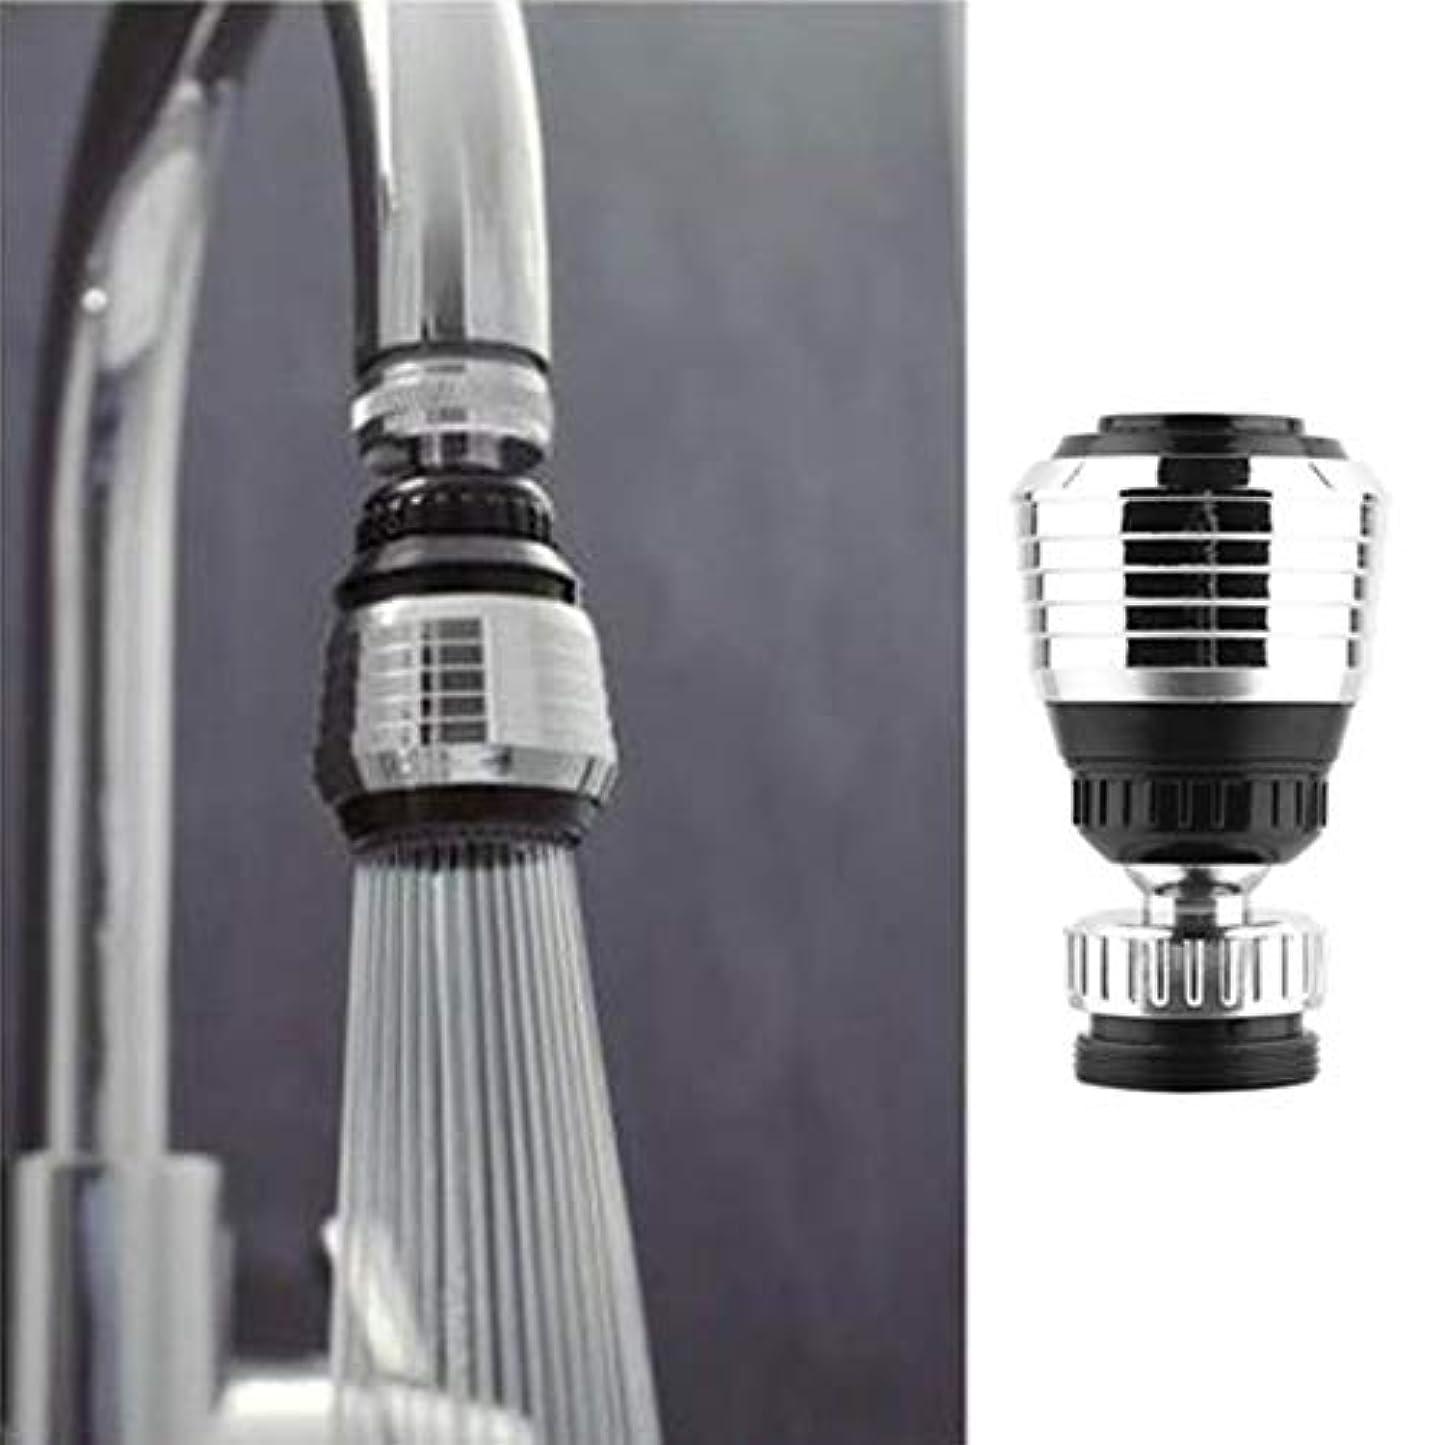 息子患者聞くboxiangxu Rotate Water Saving Tap Bubbler Aerator Diffuser Swivel Faucet Nozzle kitchen & bathroom filter nozzle...